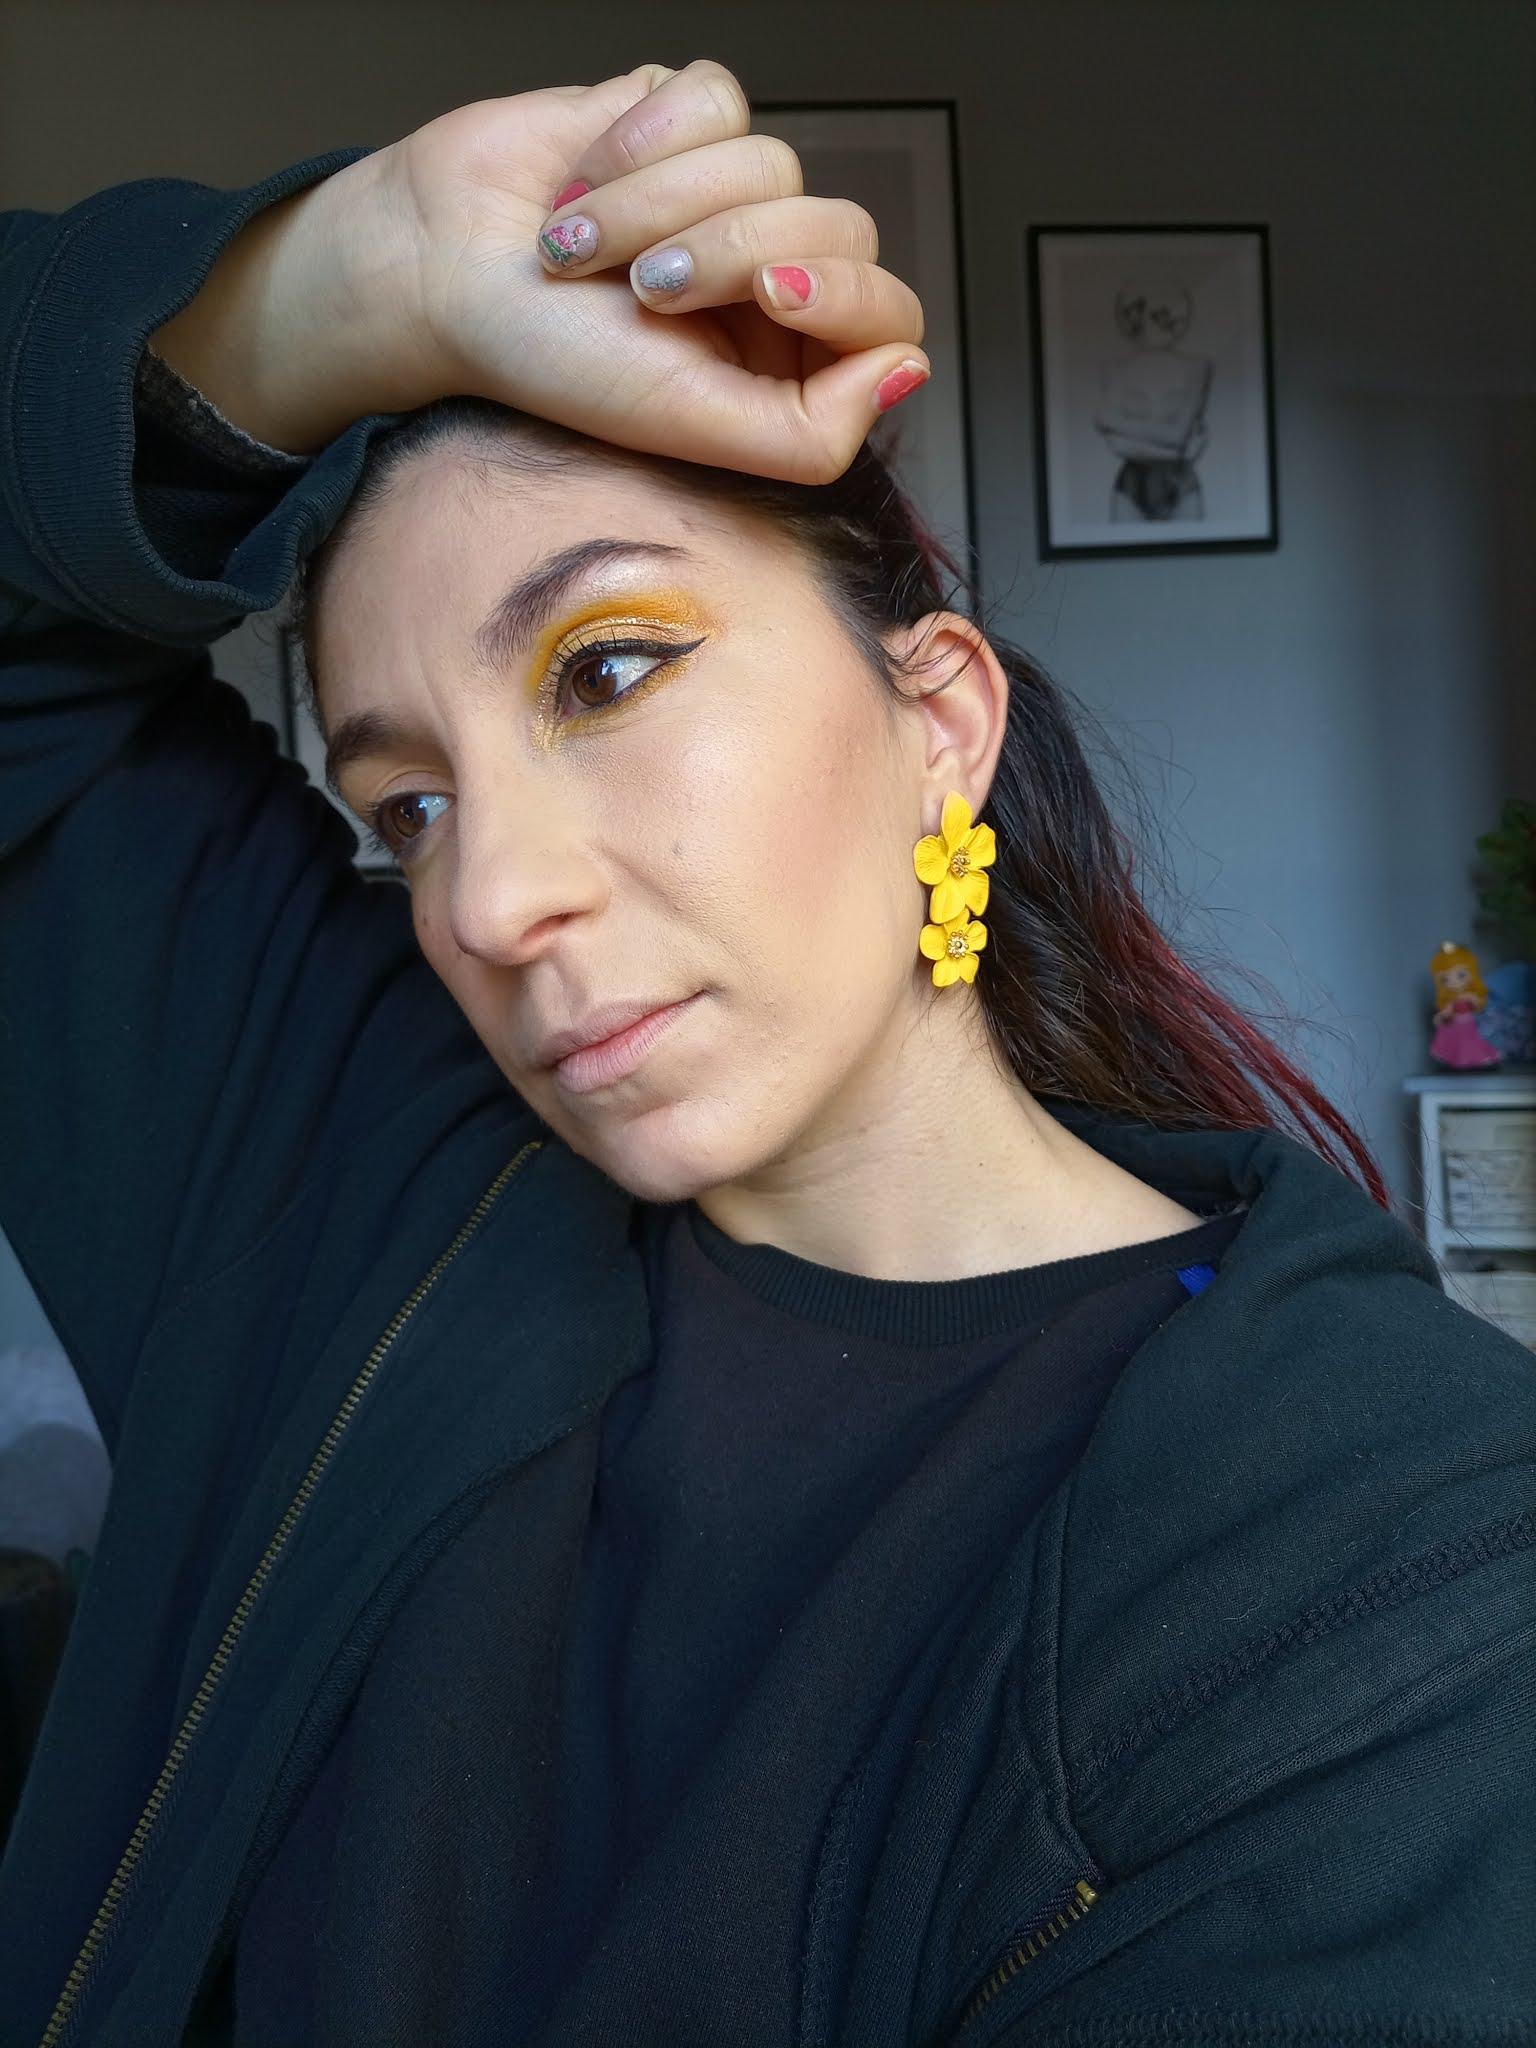 maquilhagem de olhos amarela